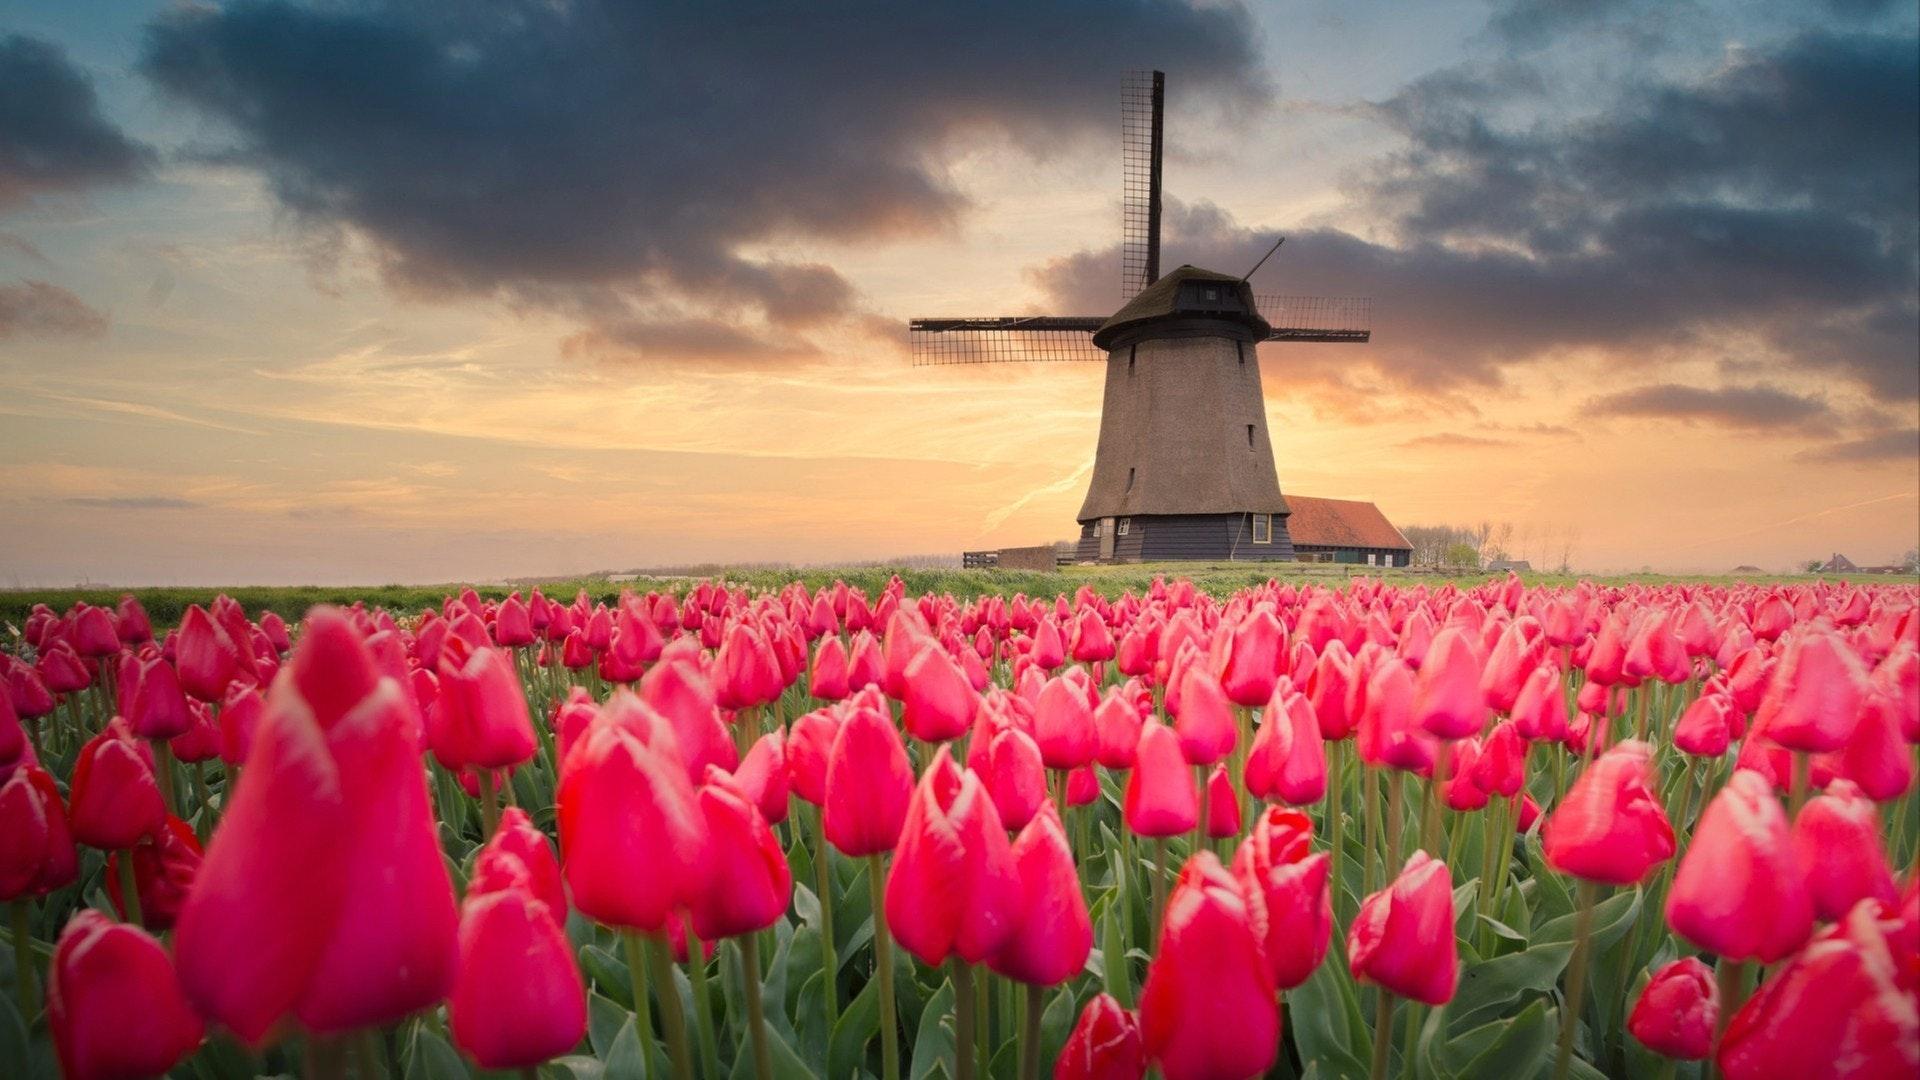 Поля тюльпанов и ветряная мельница в Нидерландах